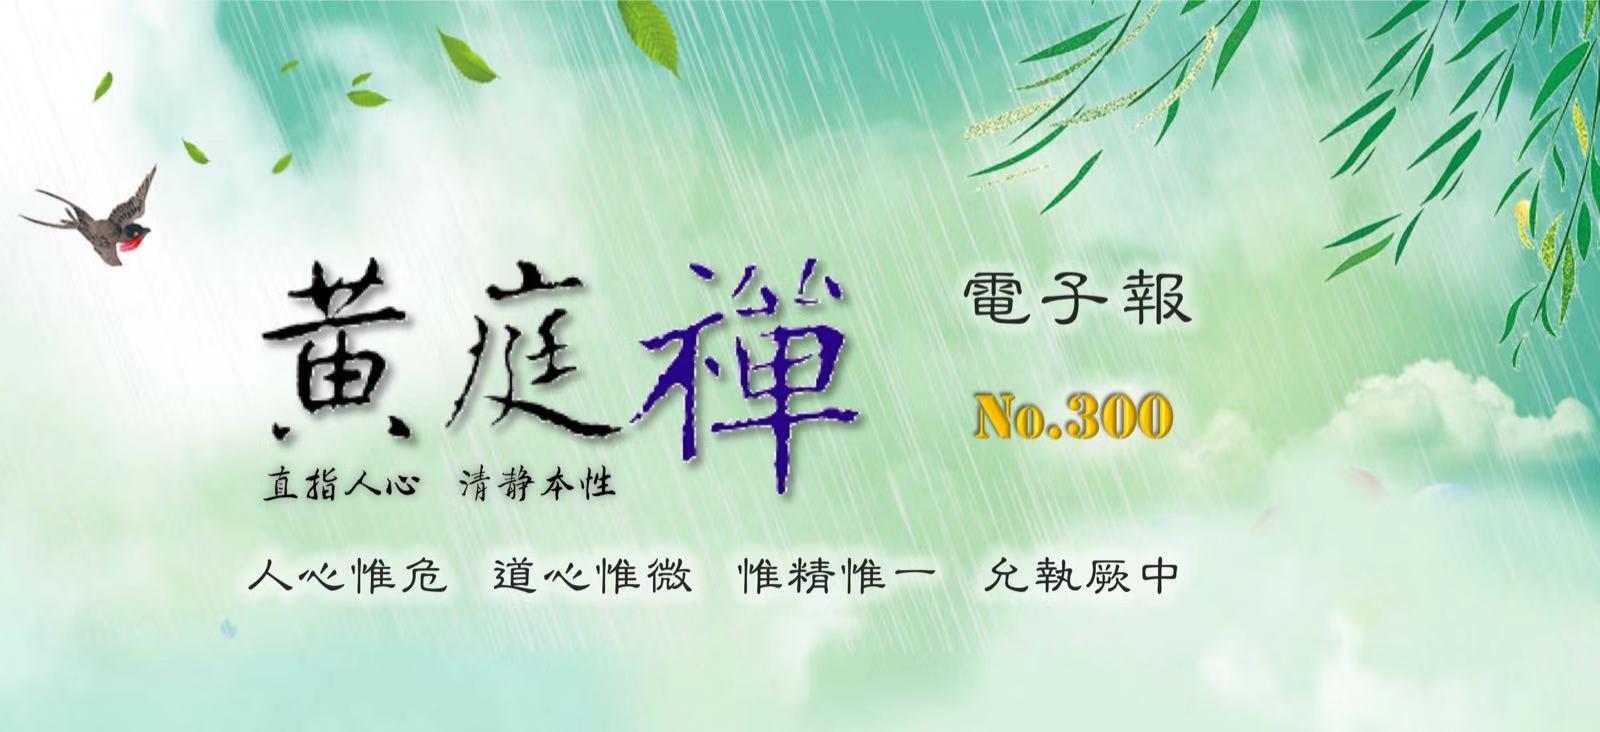 中華黃庭禪學會2019.02.21電子報